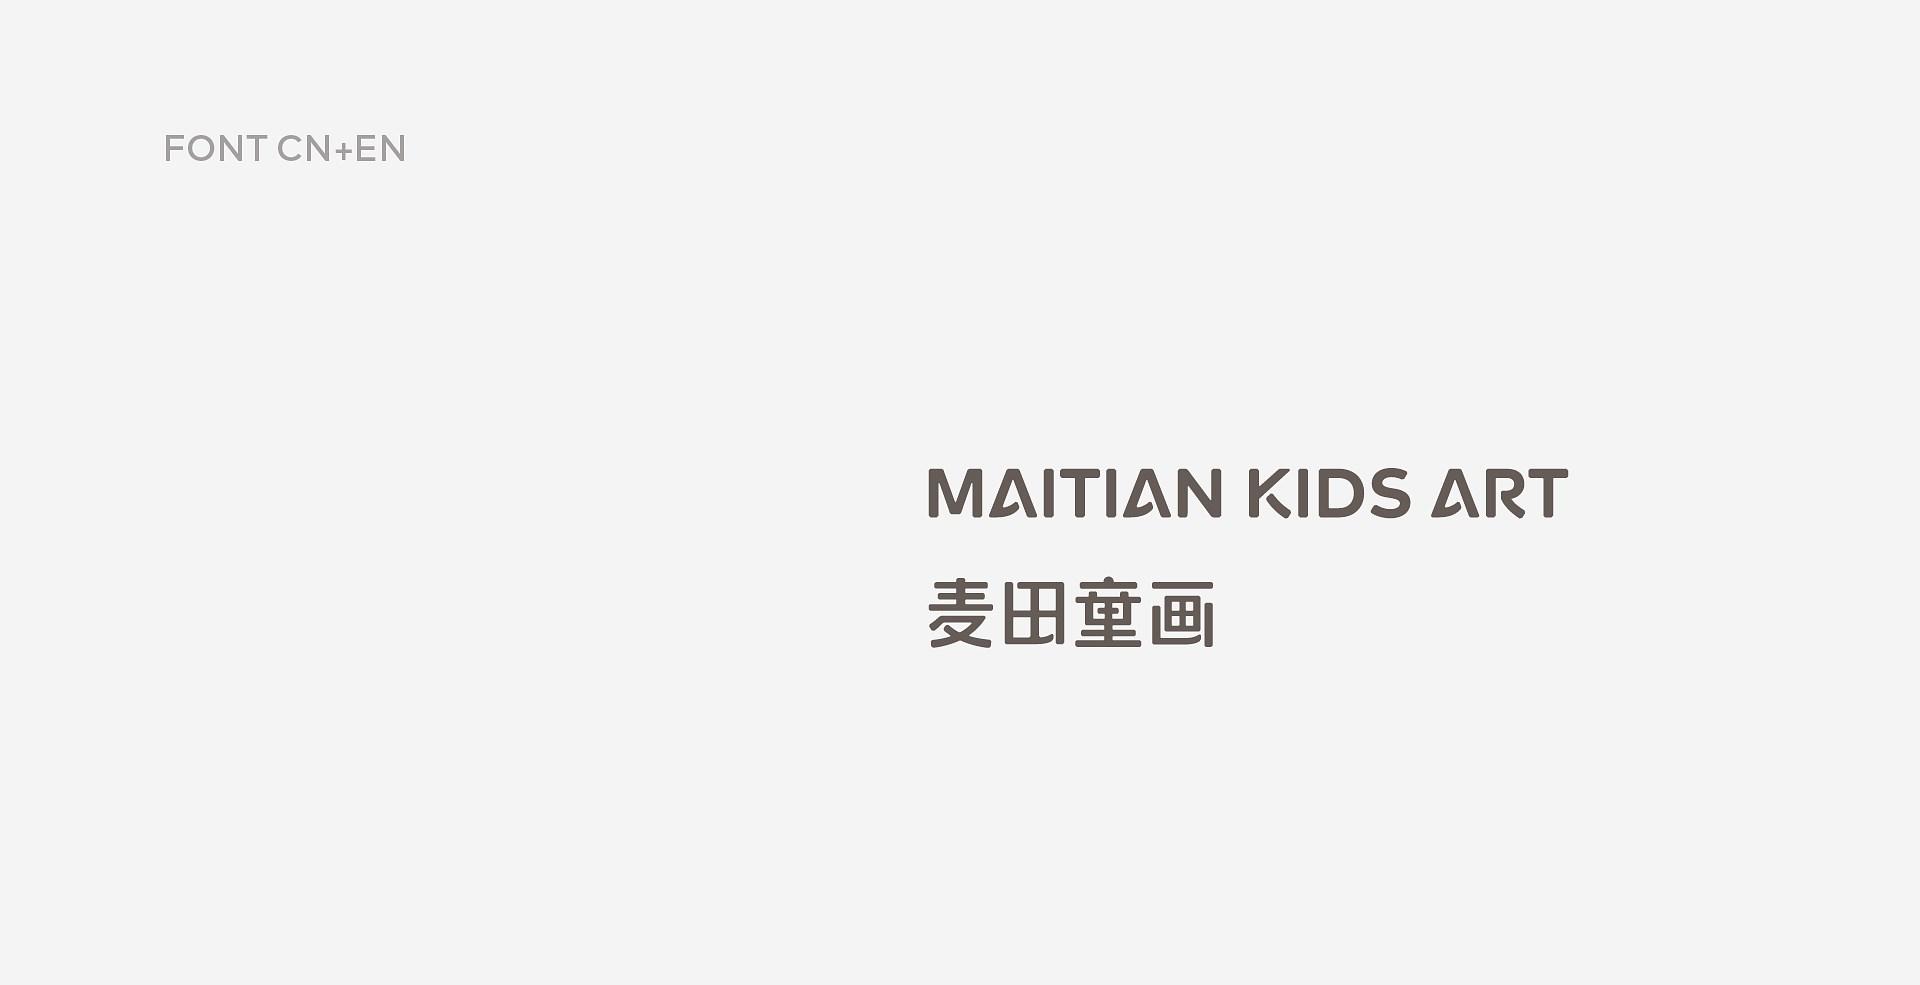 麦田童画确认版失量源文件-09.jpg